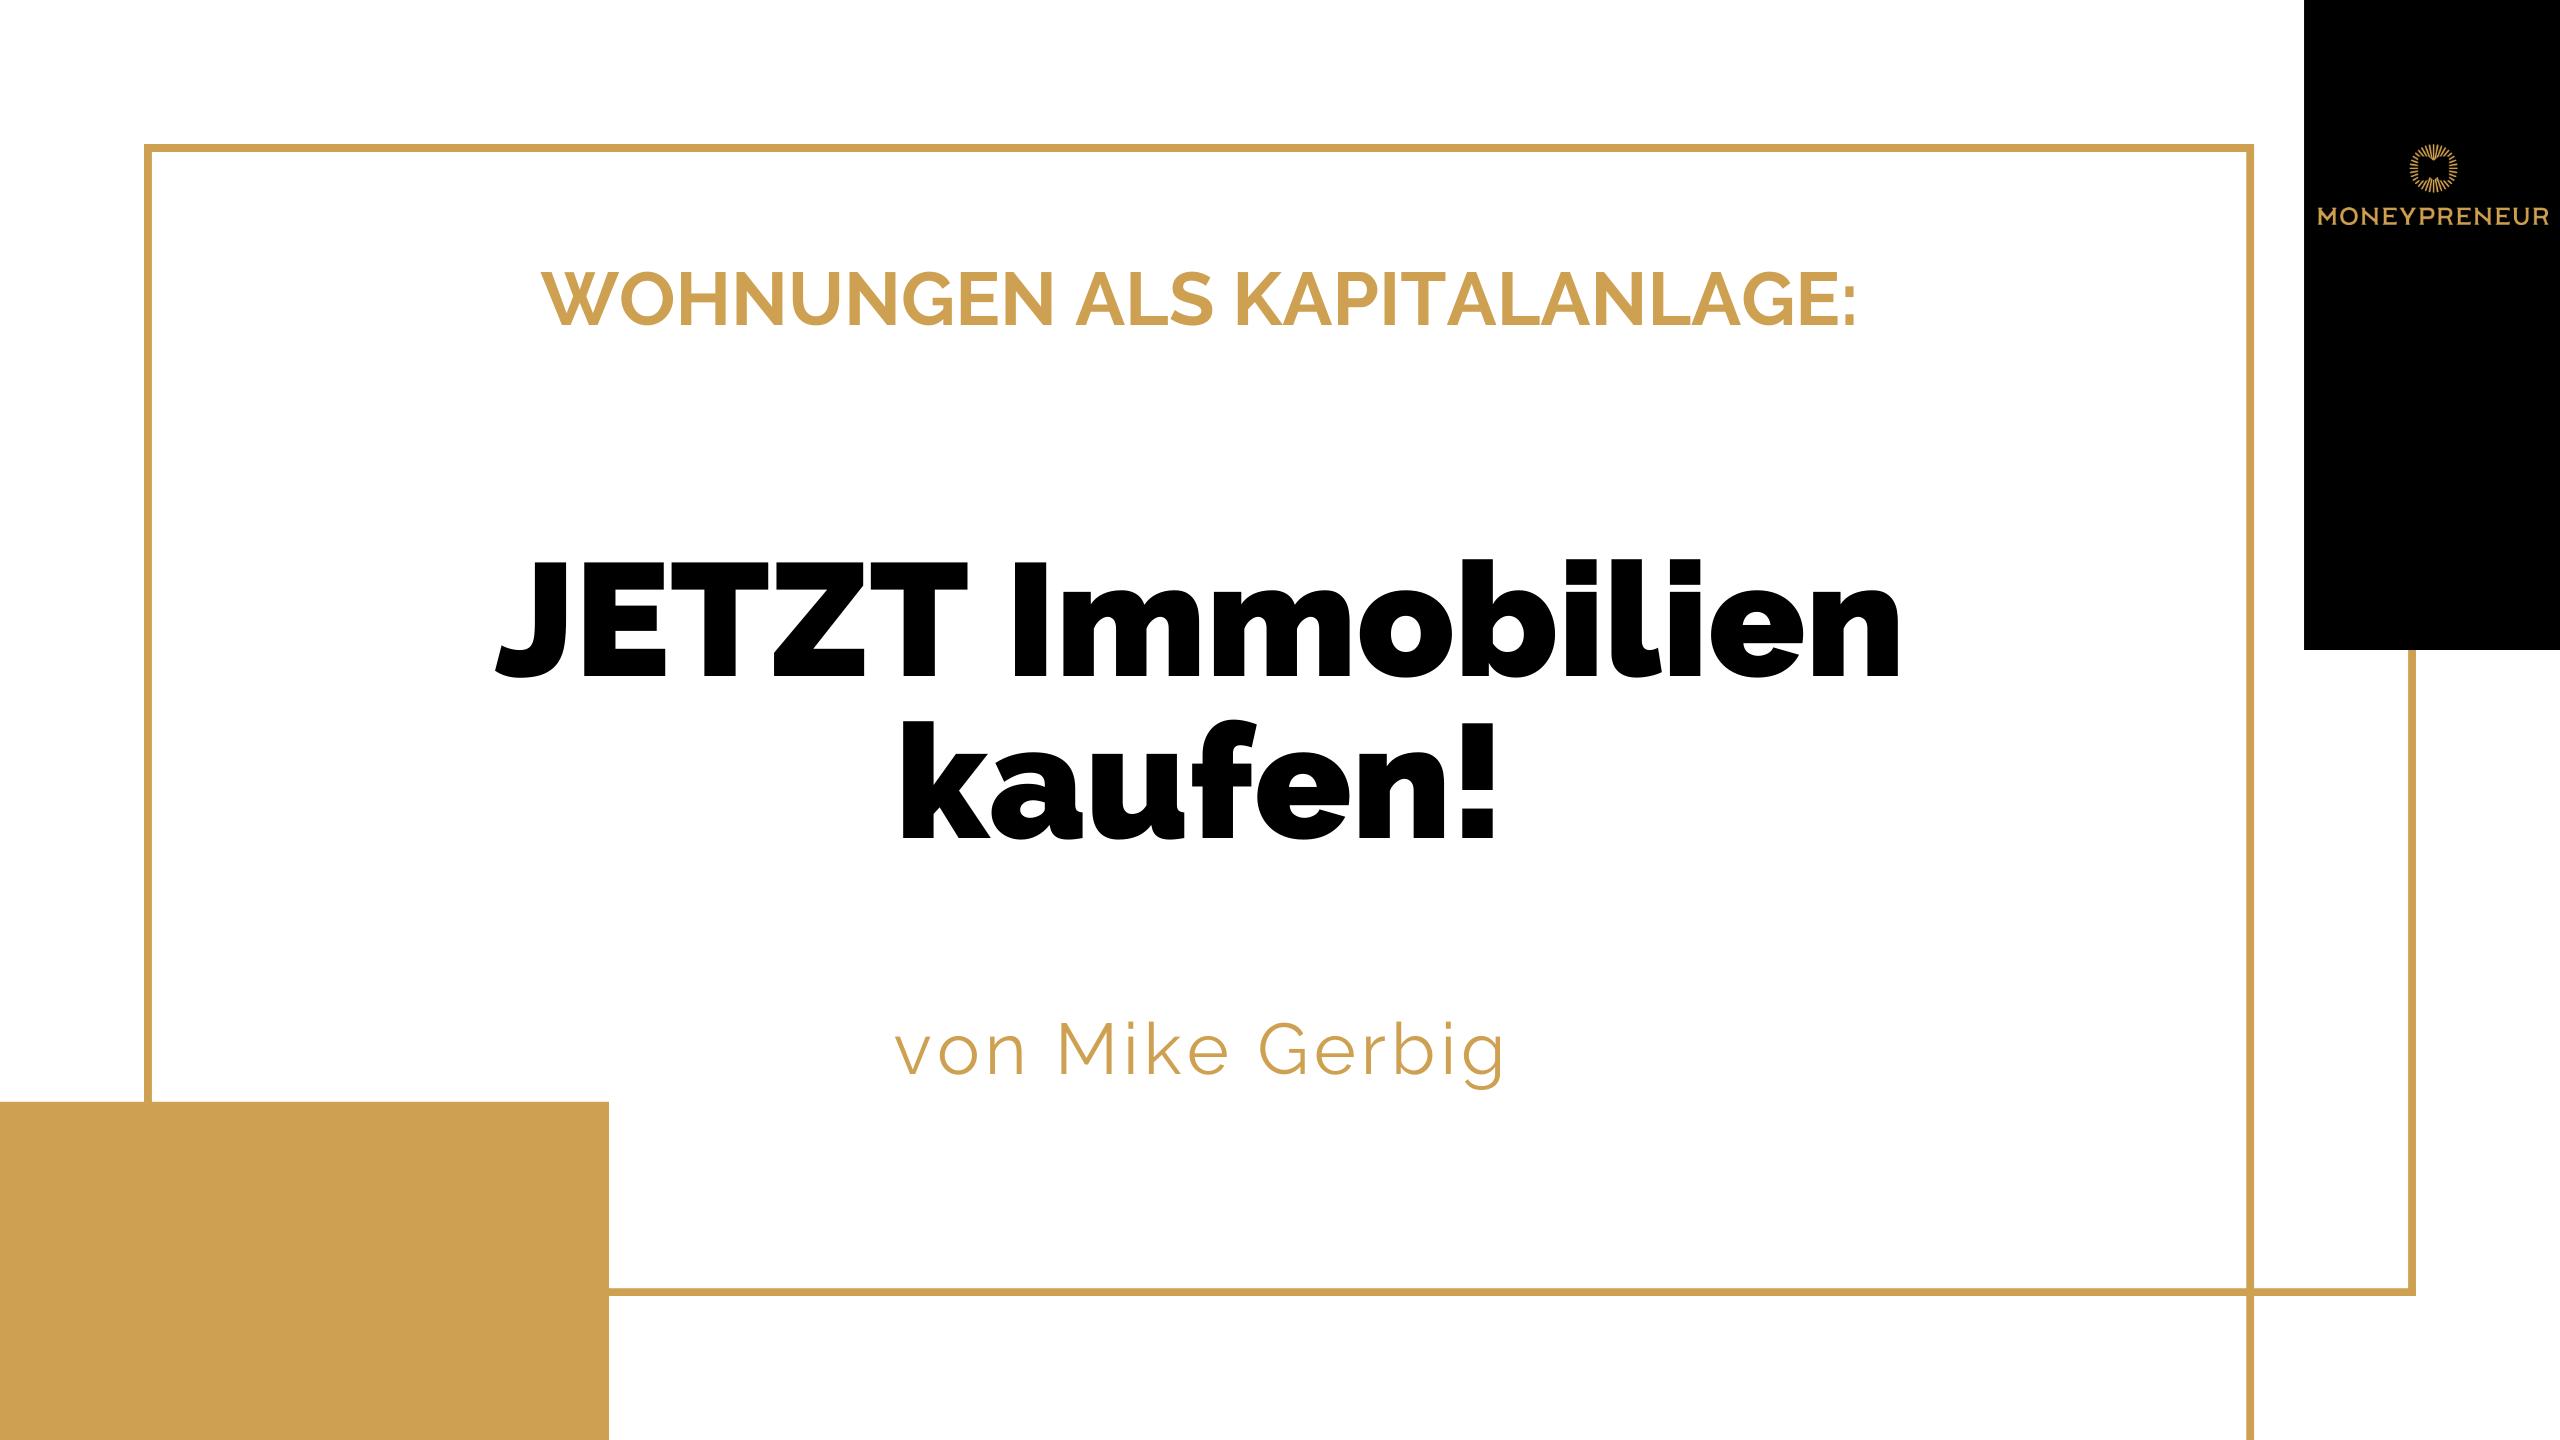 JETZT-Immobilien-kaufen!